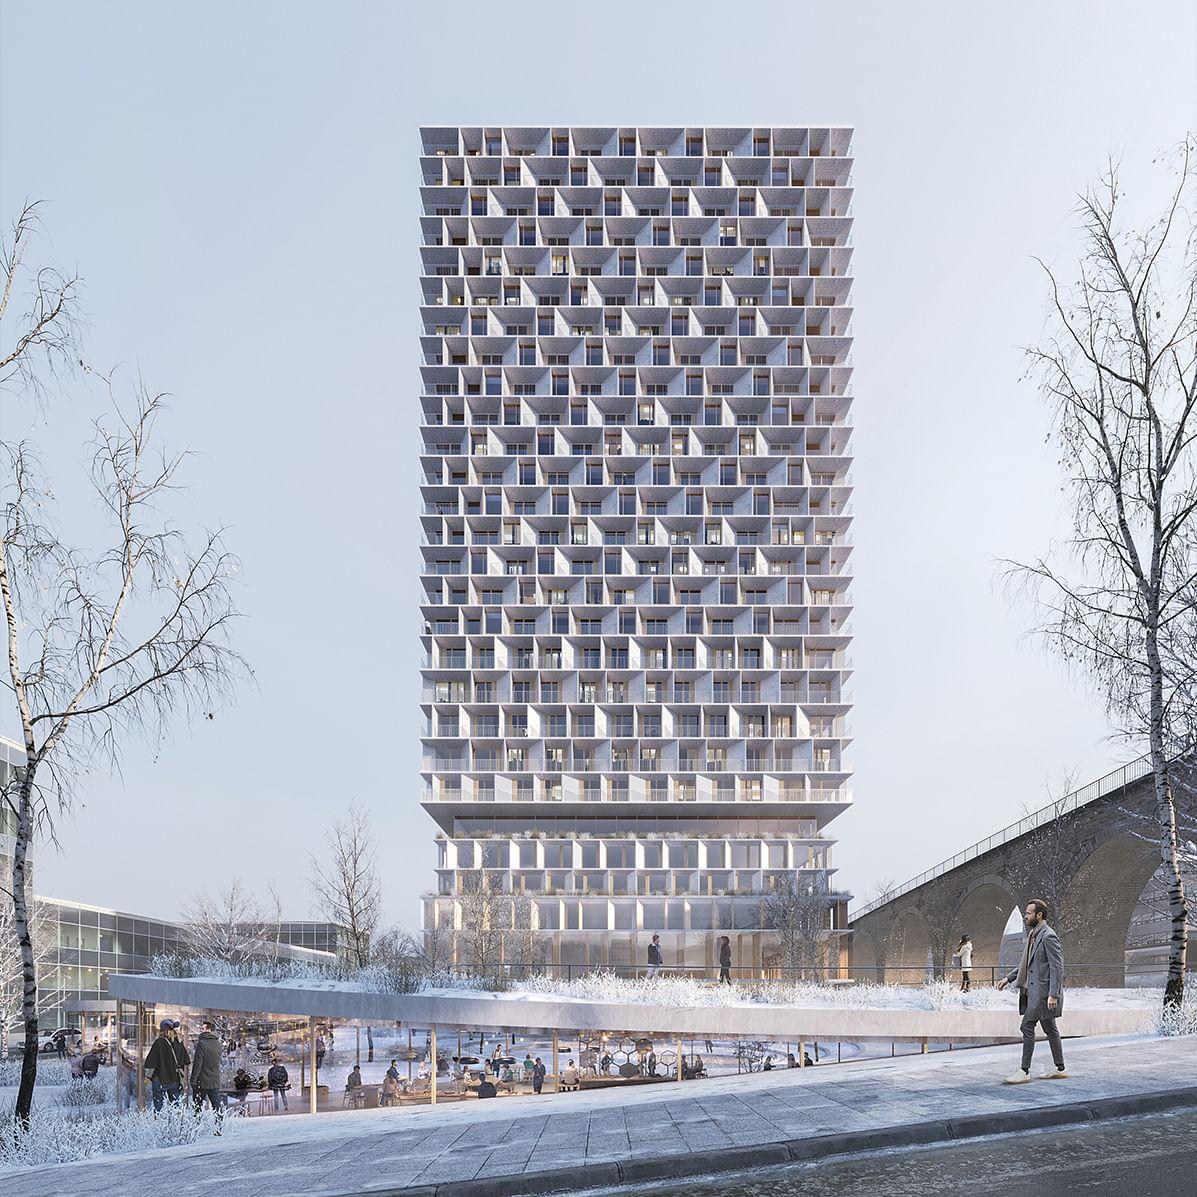 3XN & IttenBrechbühl on to Design Wooden Tower in Switzerland